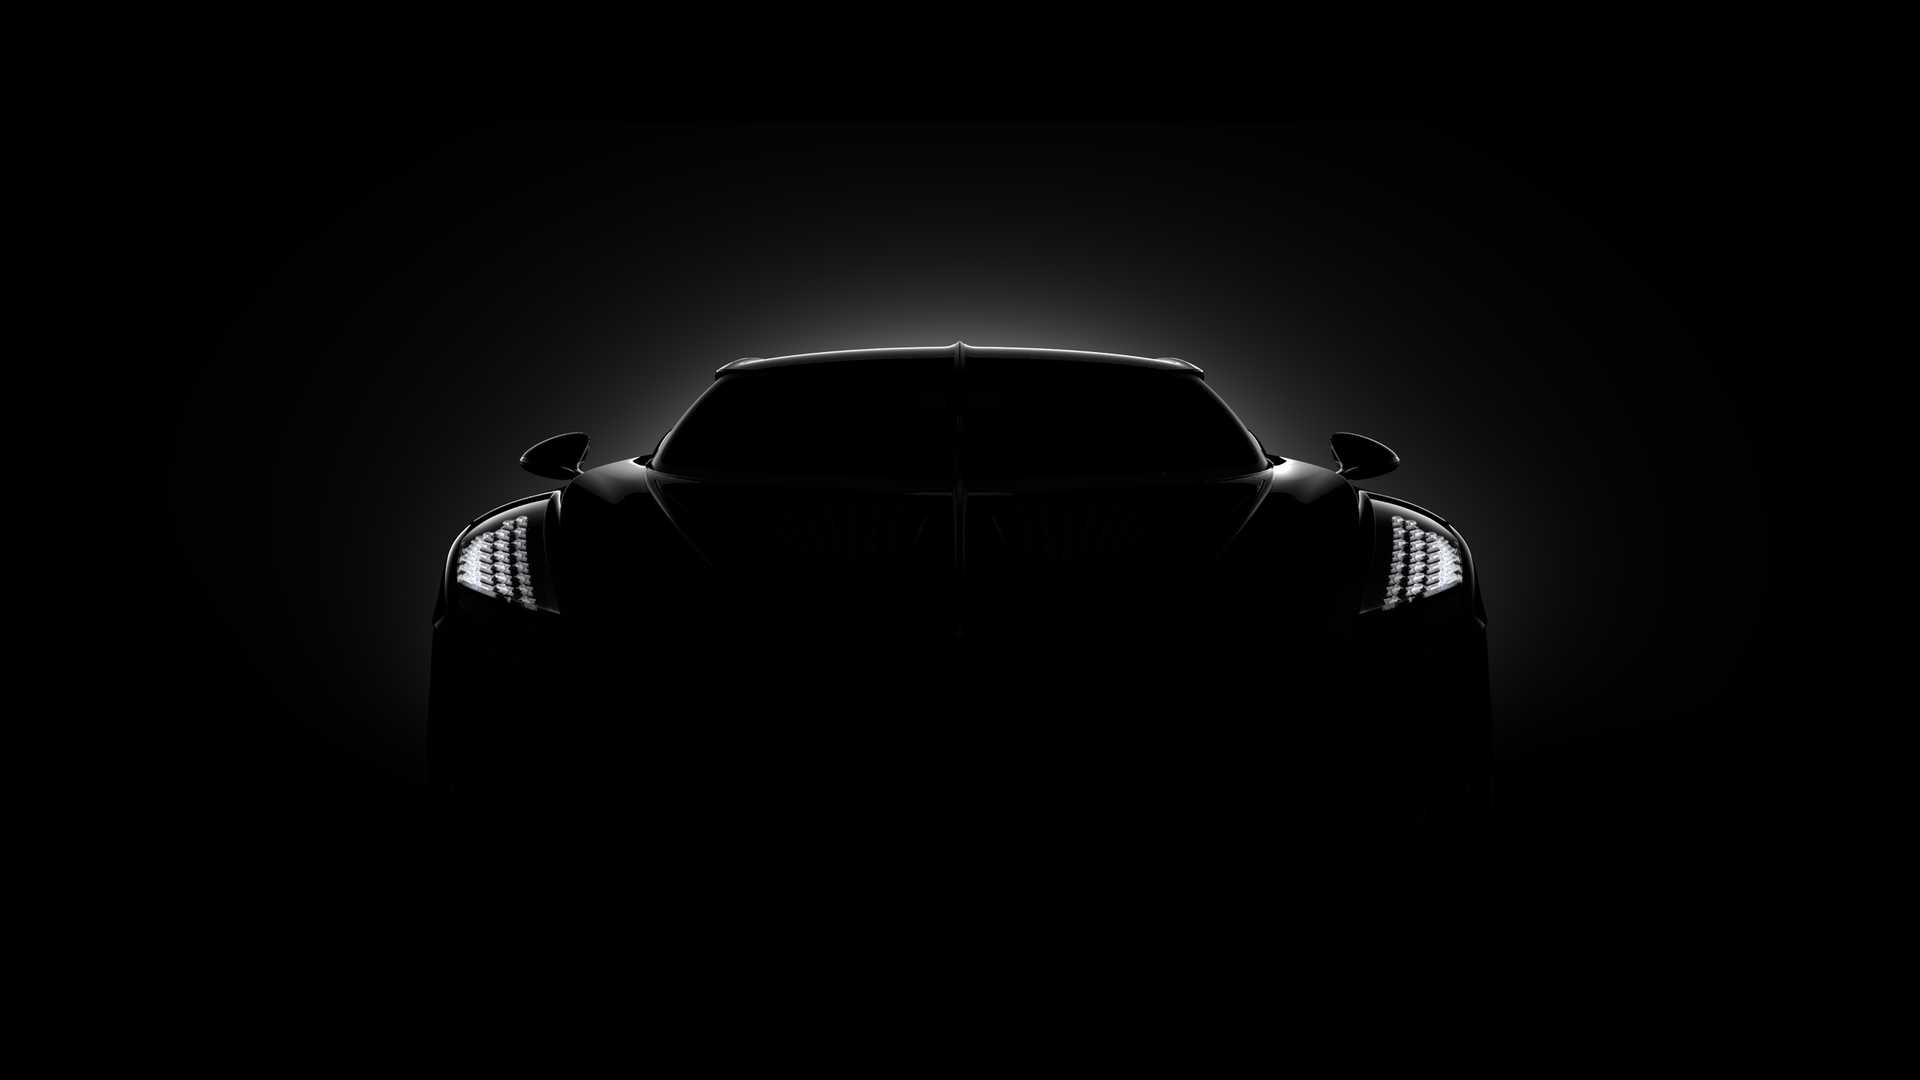 bugatti-la-voiture-noire (21)